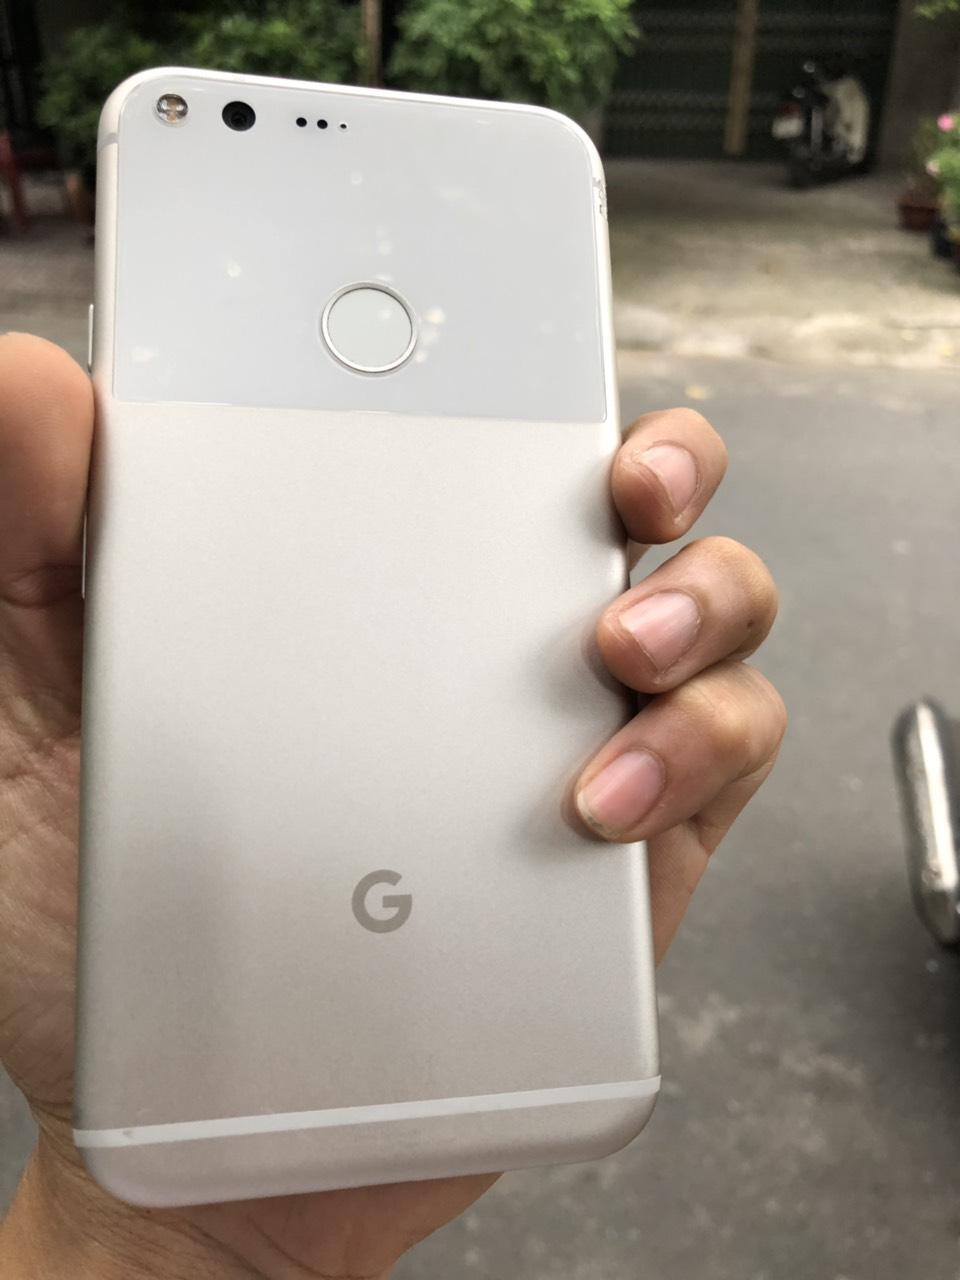 điện Thoại Google Pixel Xl Siêu Phẩm Một Thời Ram 4gb Bộ Nhớ 32gb Khuyến Mãi Sốc